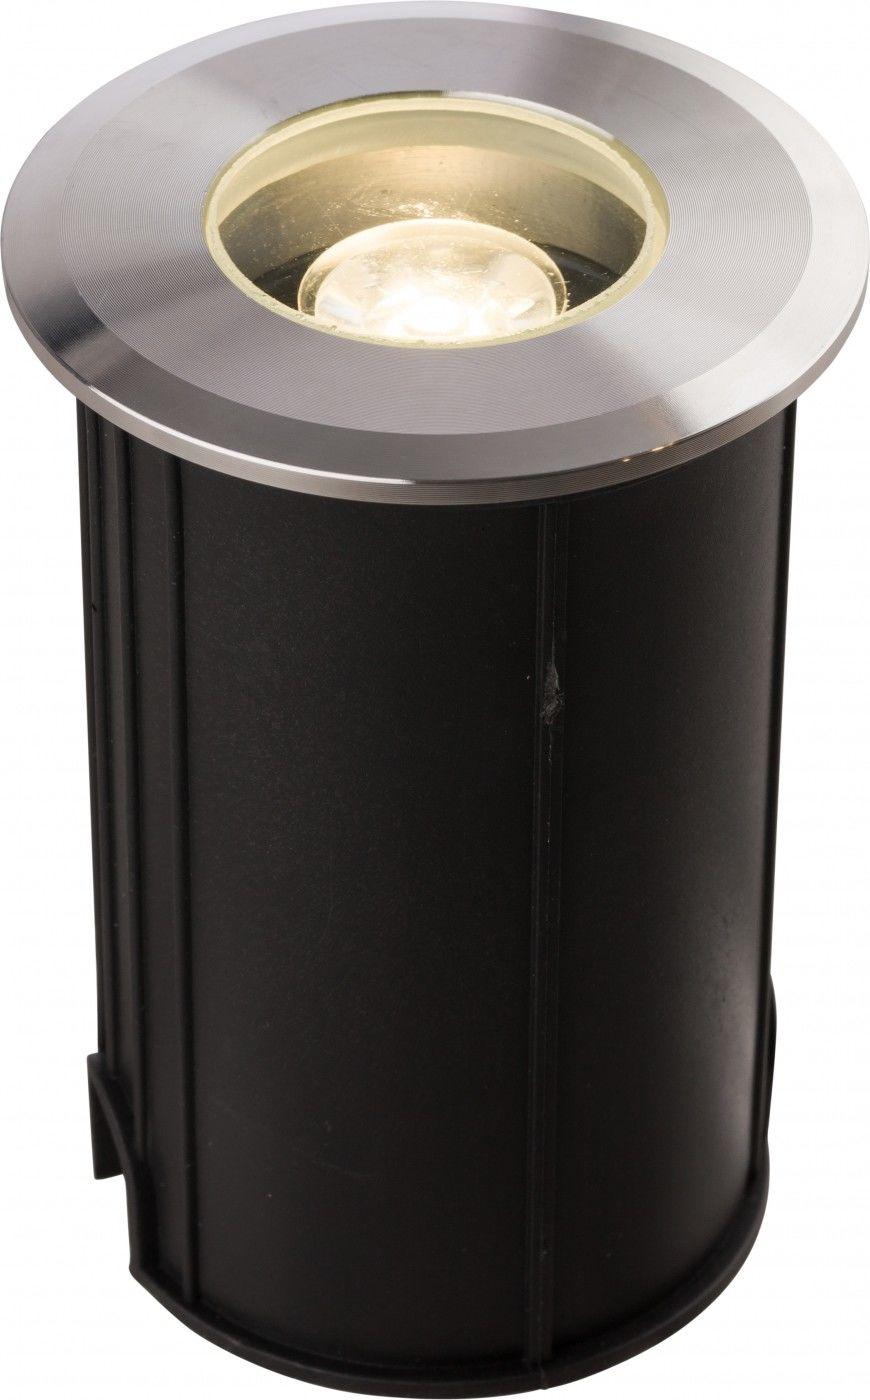 Oprawa najazdowa Picco LED M 9105 Nowodvorski Lighting okrągła oprawa w kolorze srebrnym